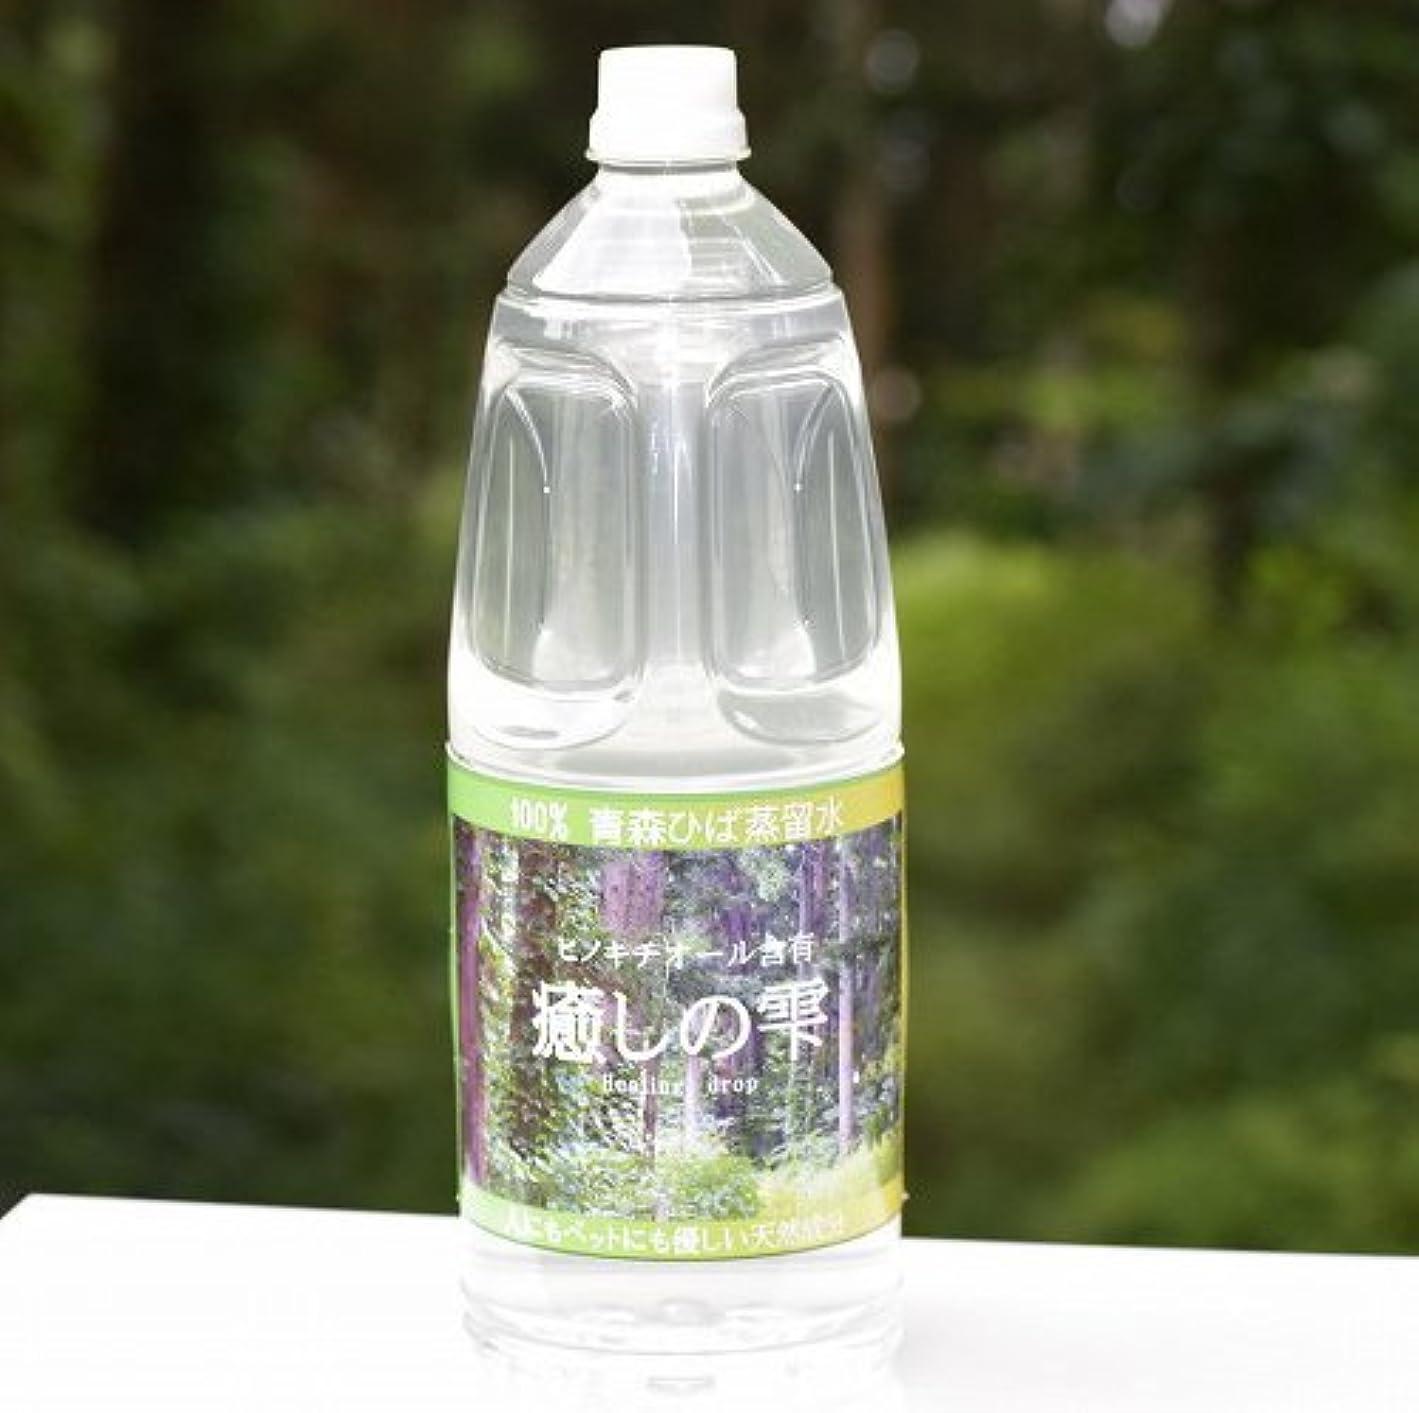 グレード泣くウルル青森ひば 天然ヒバ水 癒しの雫 蒸留水 送料無料 1.8L×1本 お試し